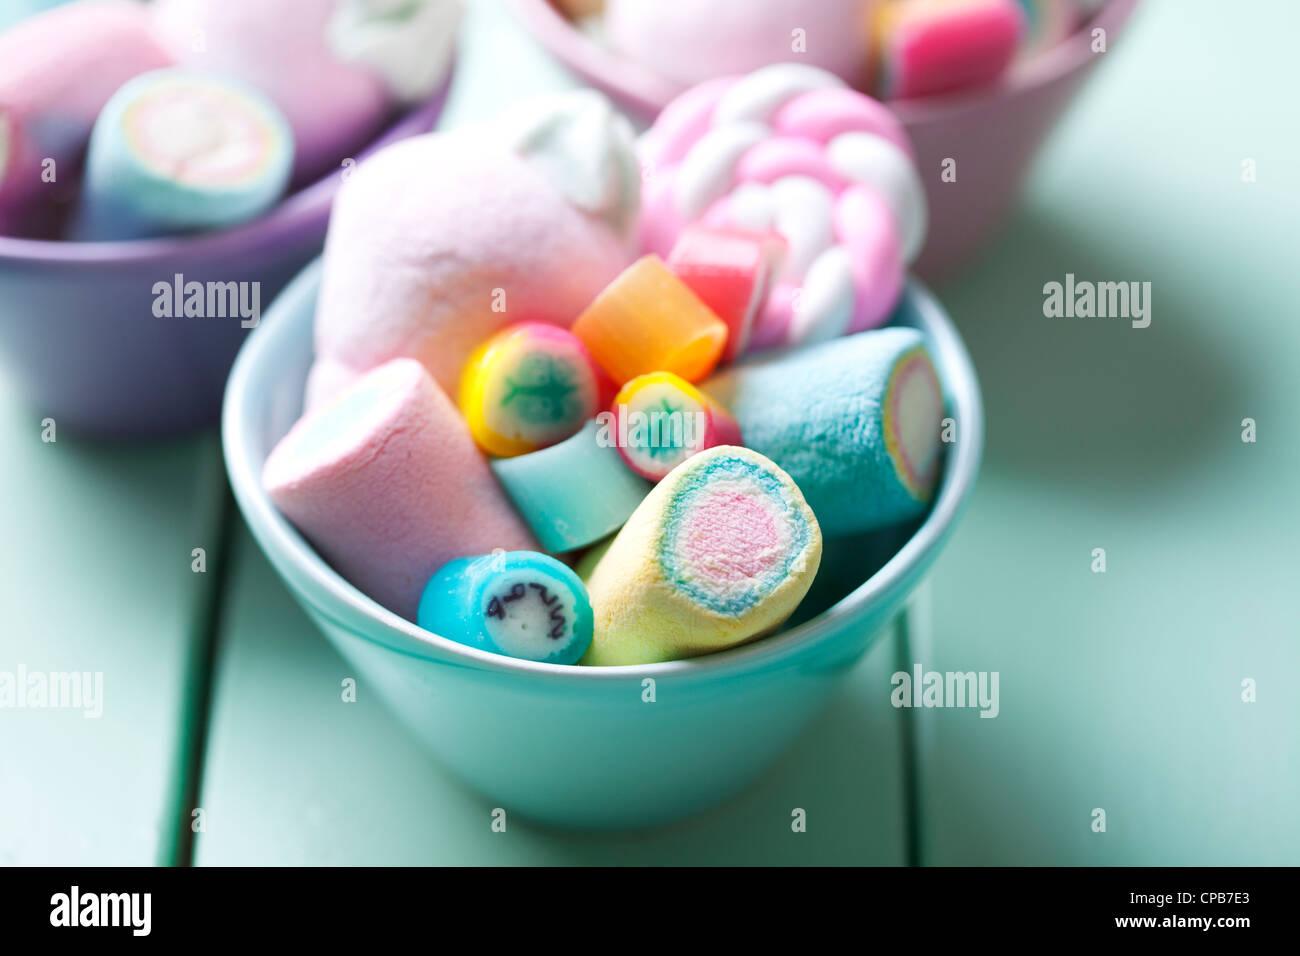 Ciotola piena di colori pastello e marshmellows zucchero candito Foto Stock